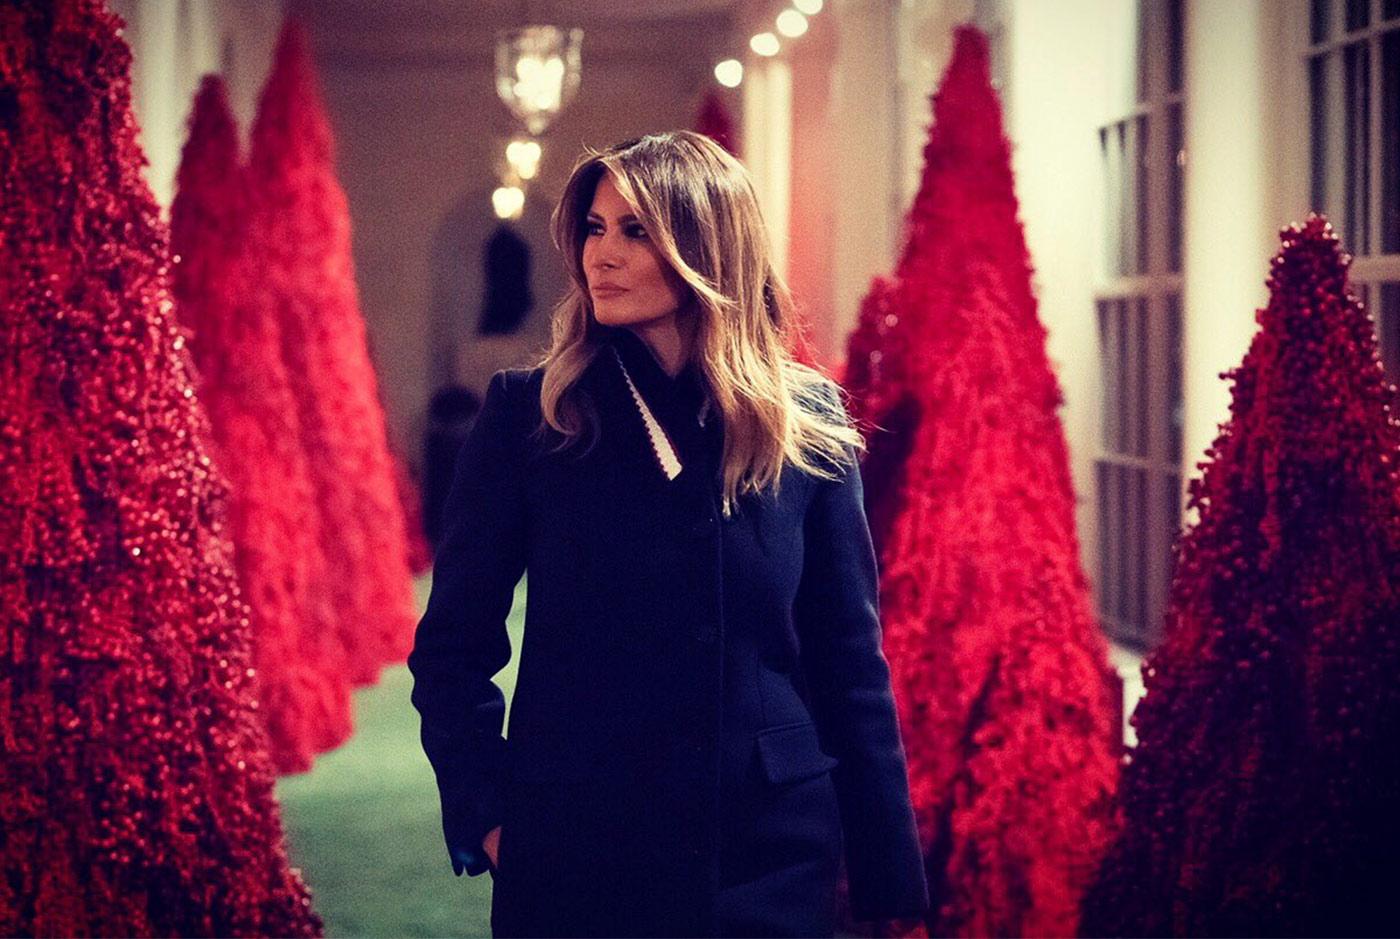 Gli alberi di Natale rossi della Casa Bianca presentati da Melania Trump in un Video.